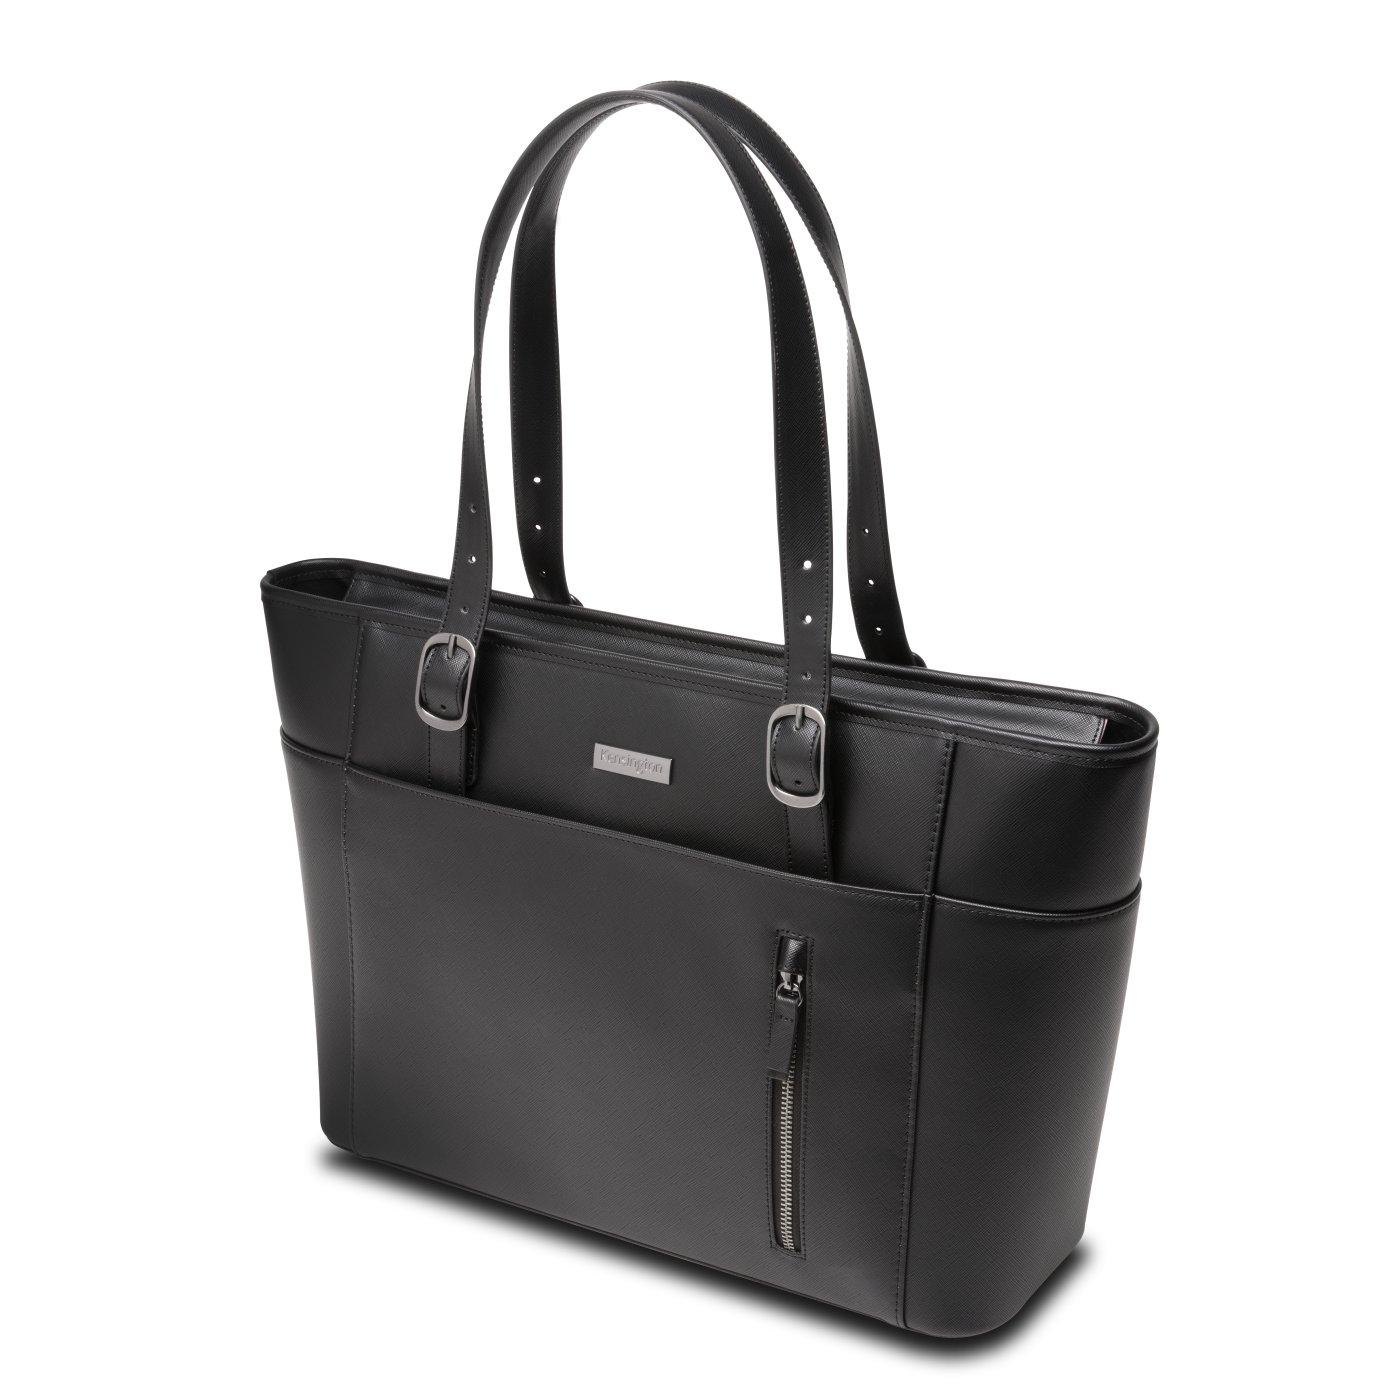 LM550 Briefcase